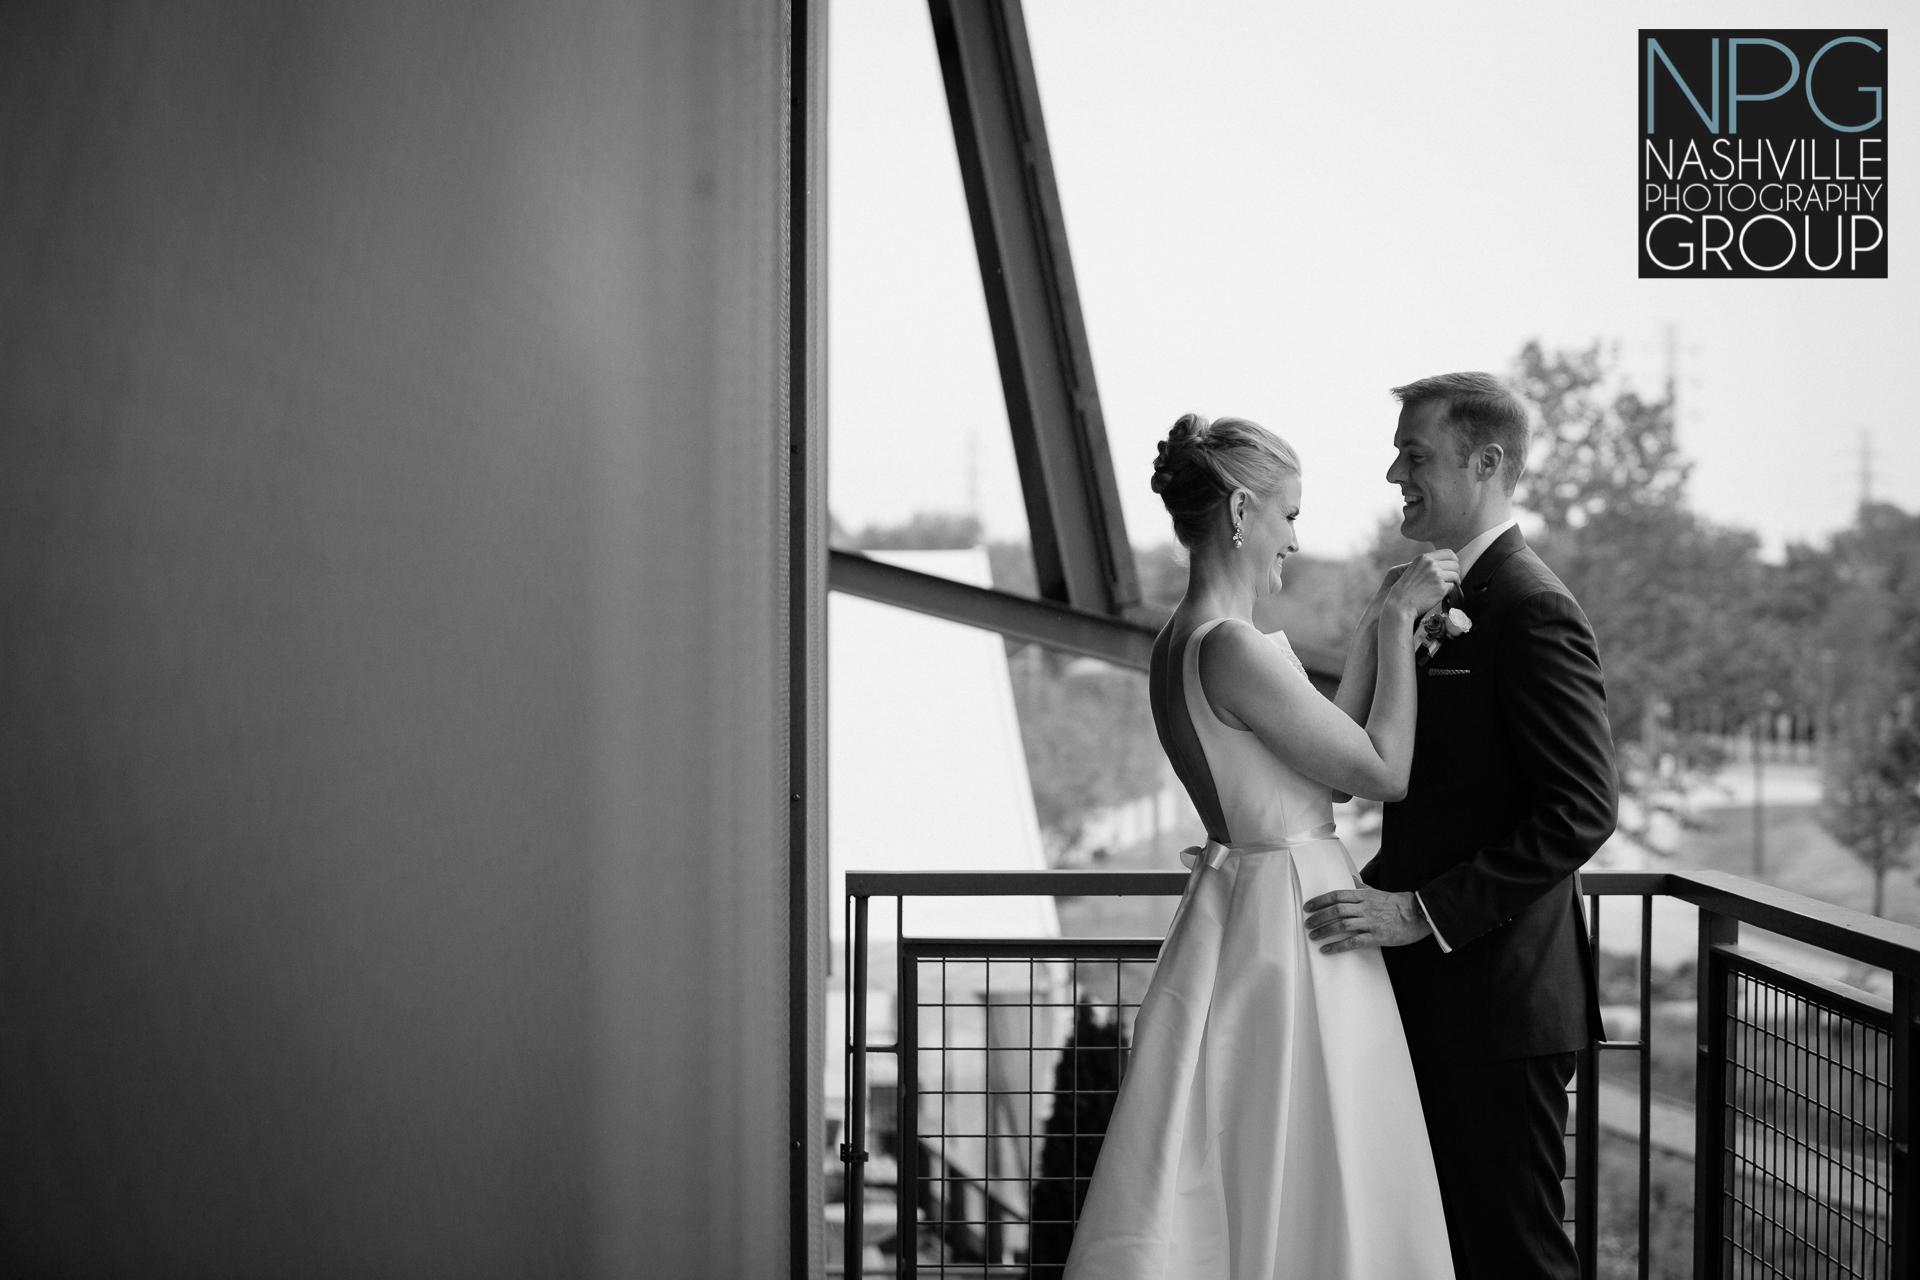 Nashville Photography Group - wedding photographers (1 of 2).jpg